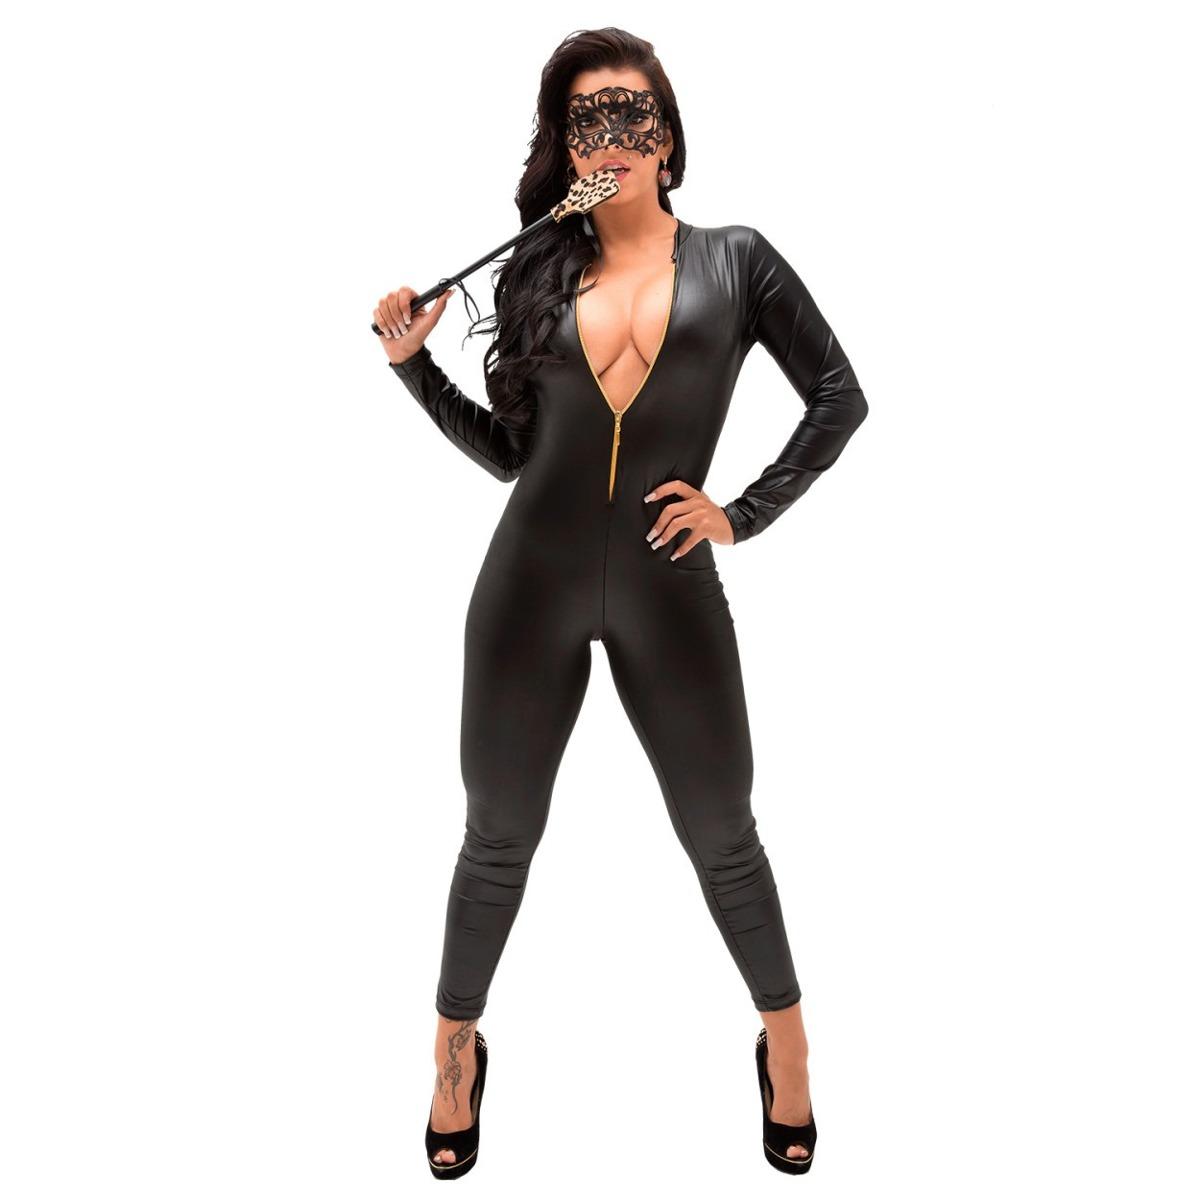 d564751c7 fantasia mulher gato macacão sexy sensual pronta entrega. Carregando zoom.